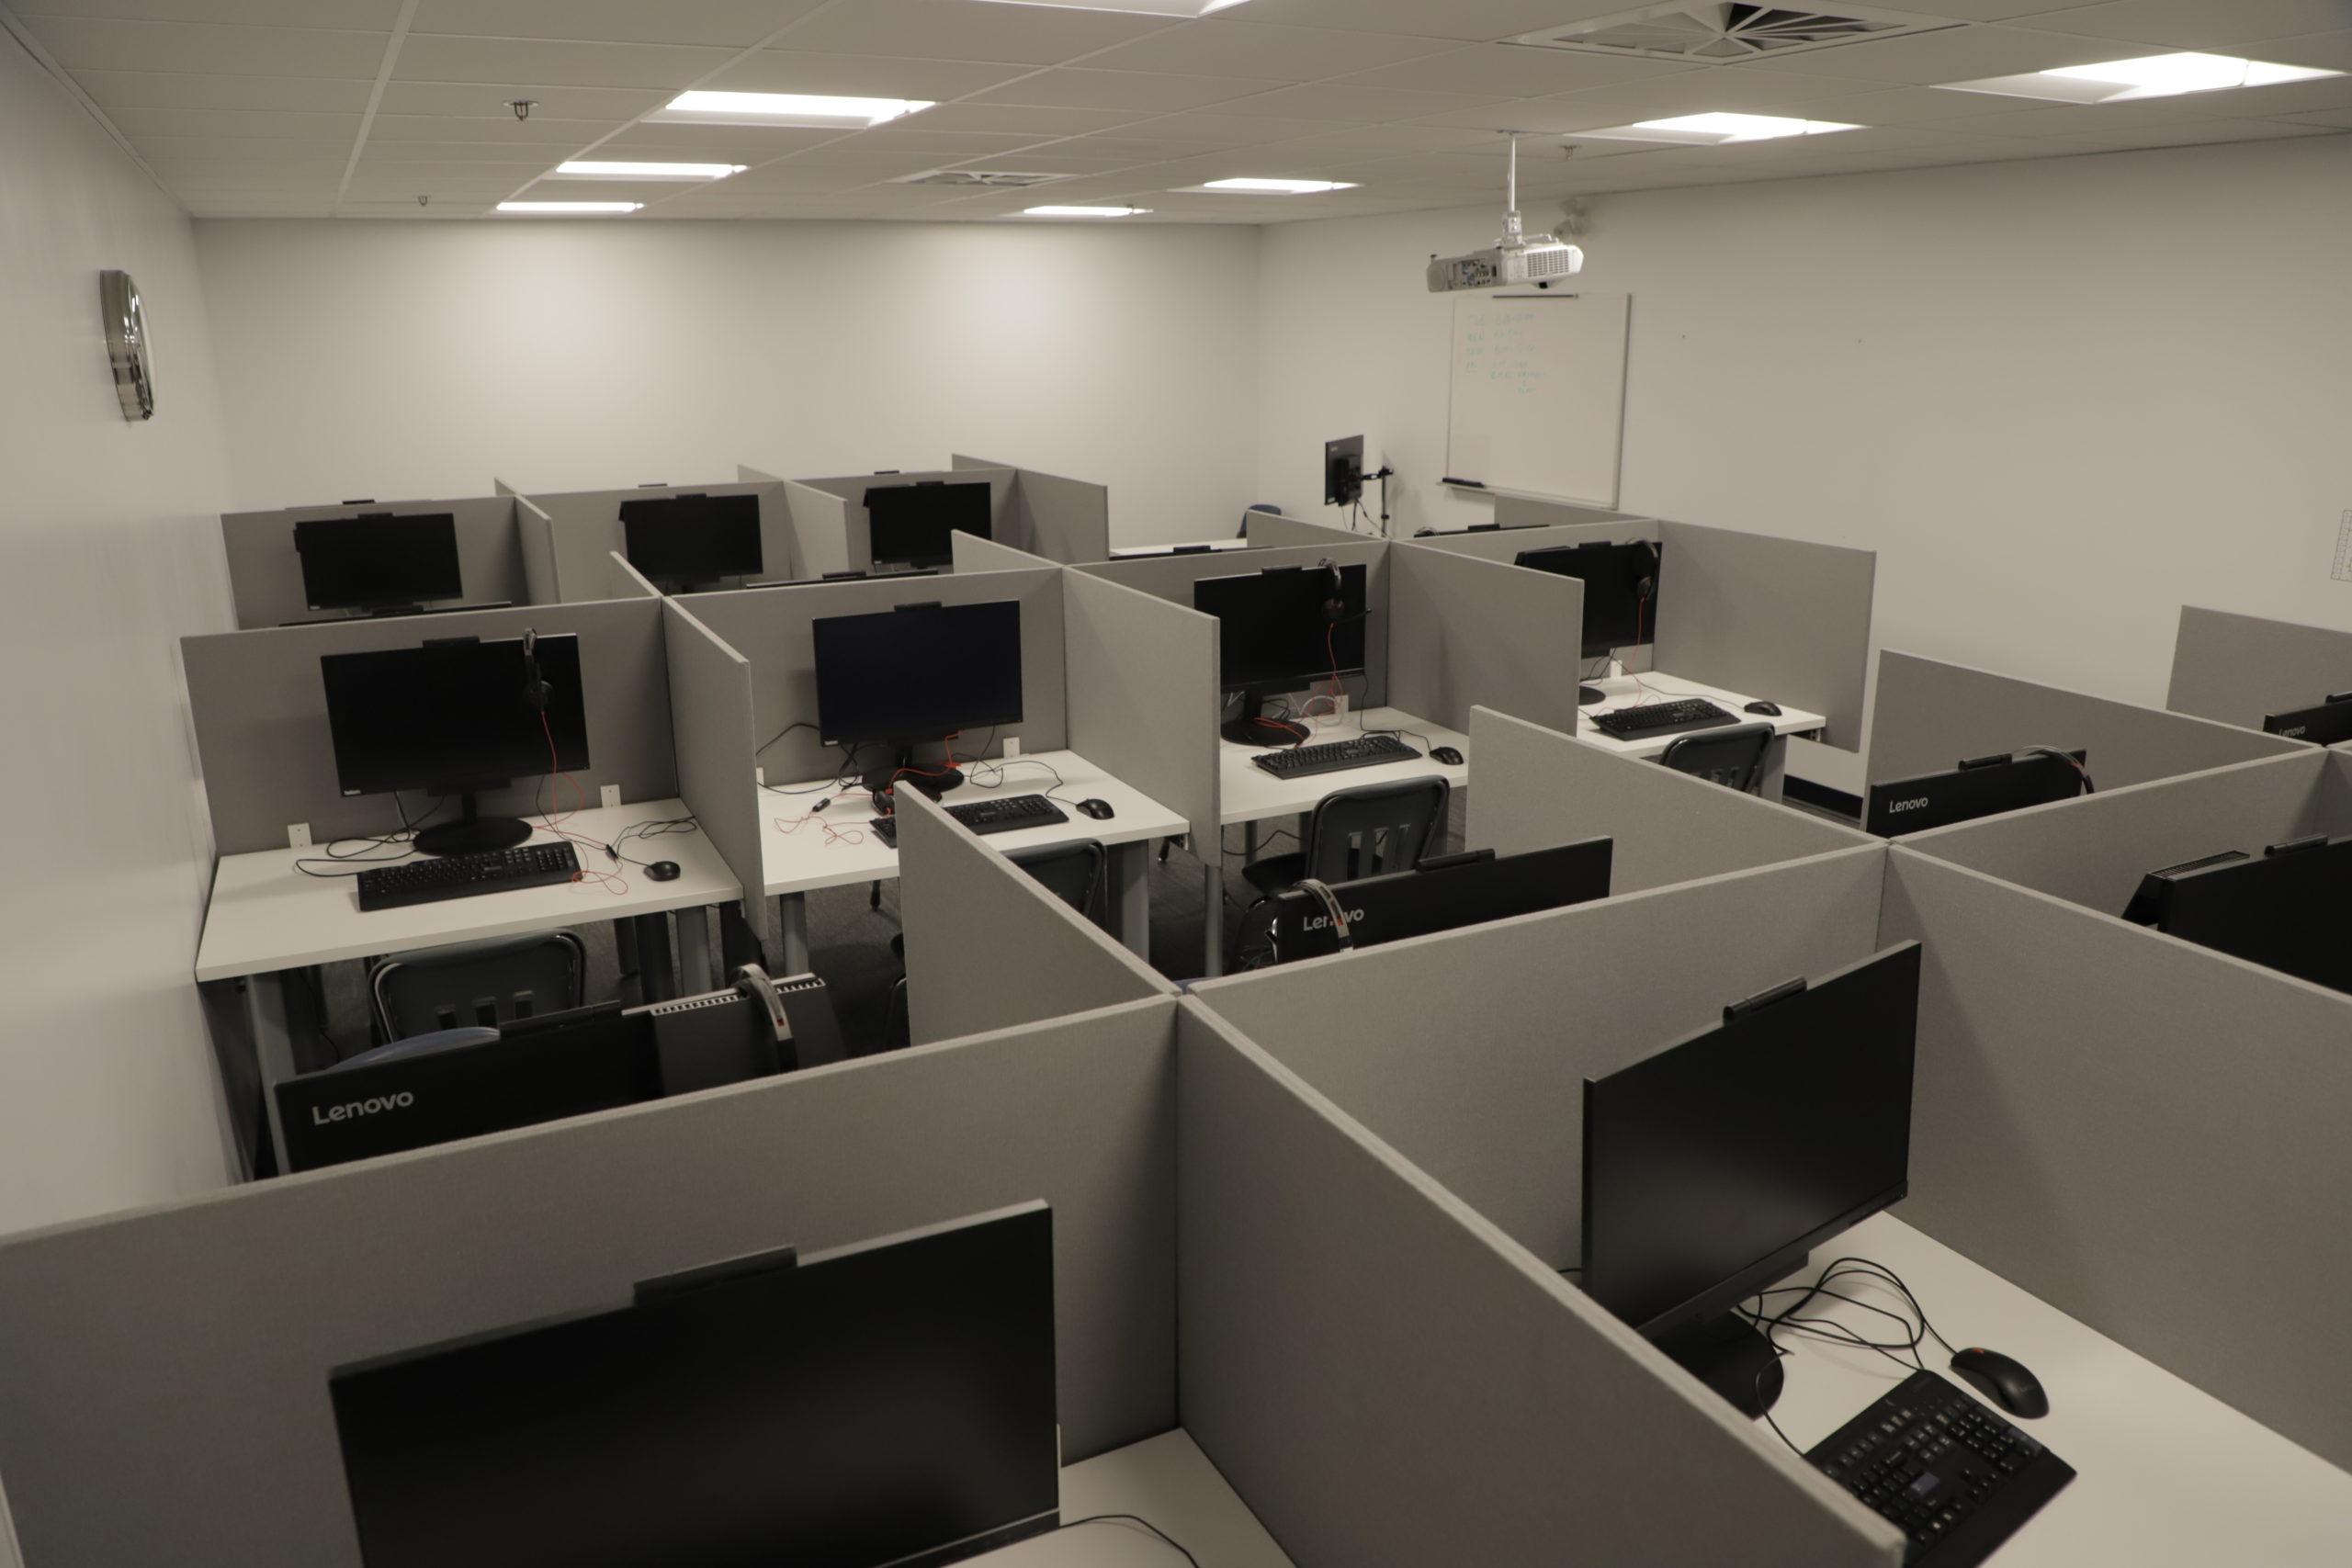 Salle numérique, passation examen